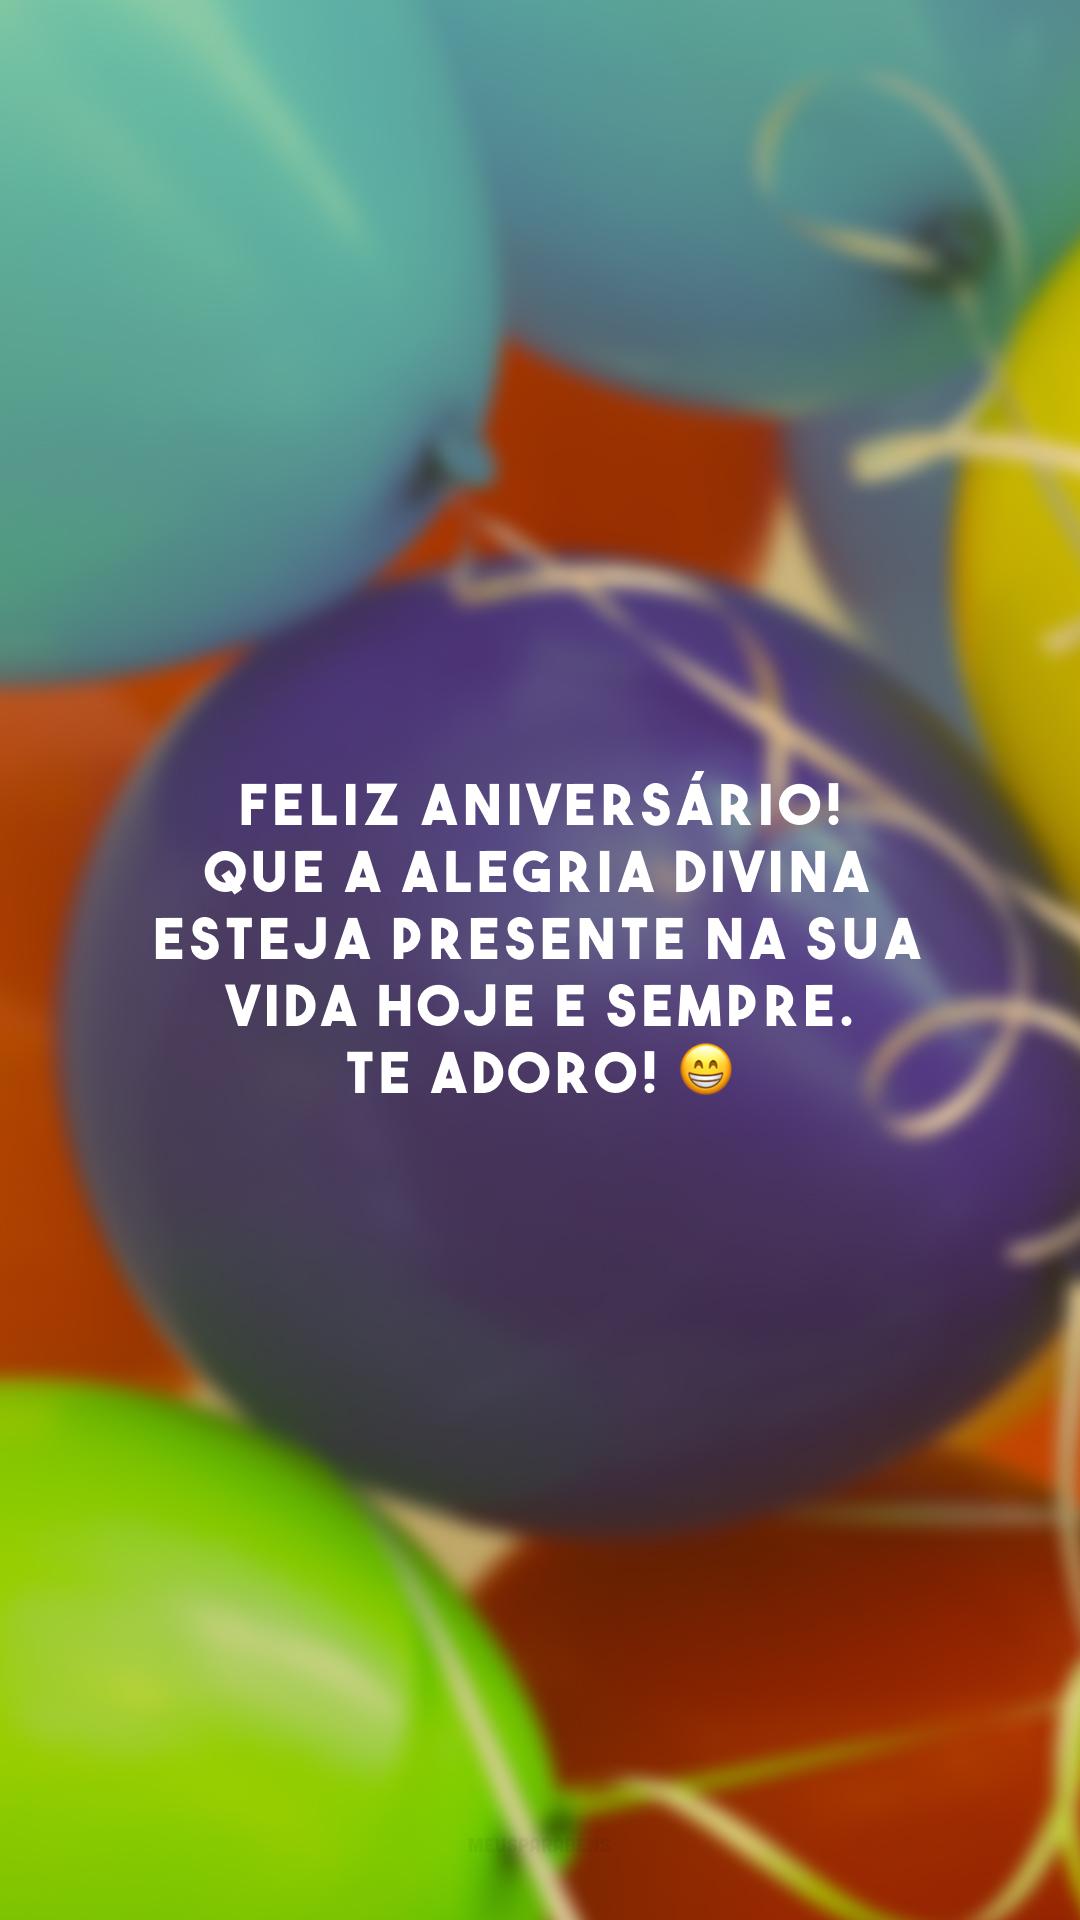 Feliz aniversário! Que a alegria divina esteja presente na sua vida hoje e sempre. Te adoro! 😁